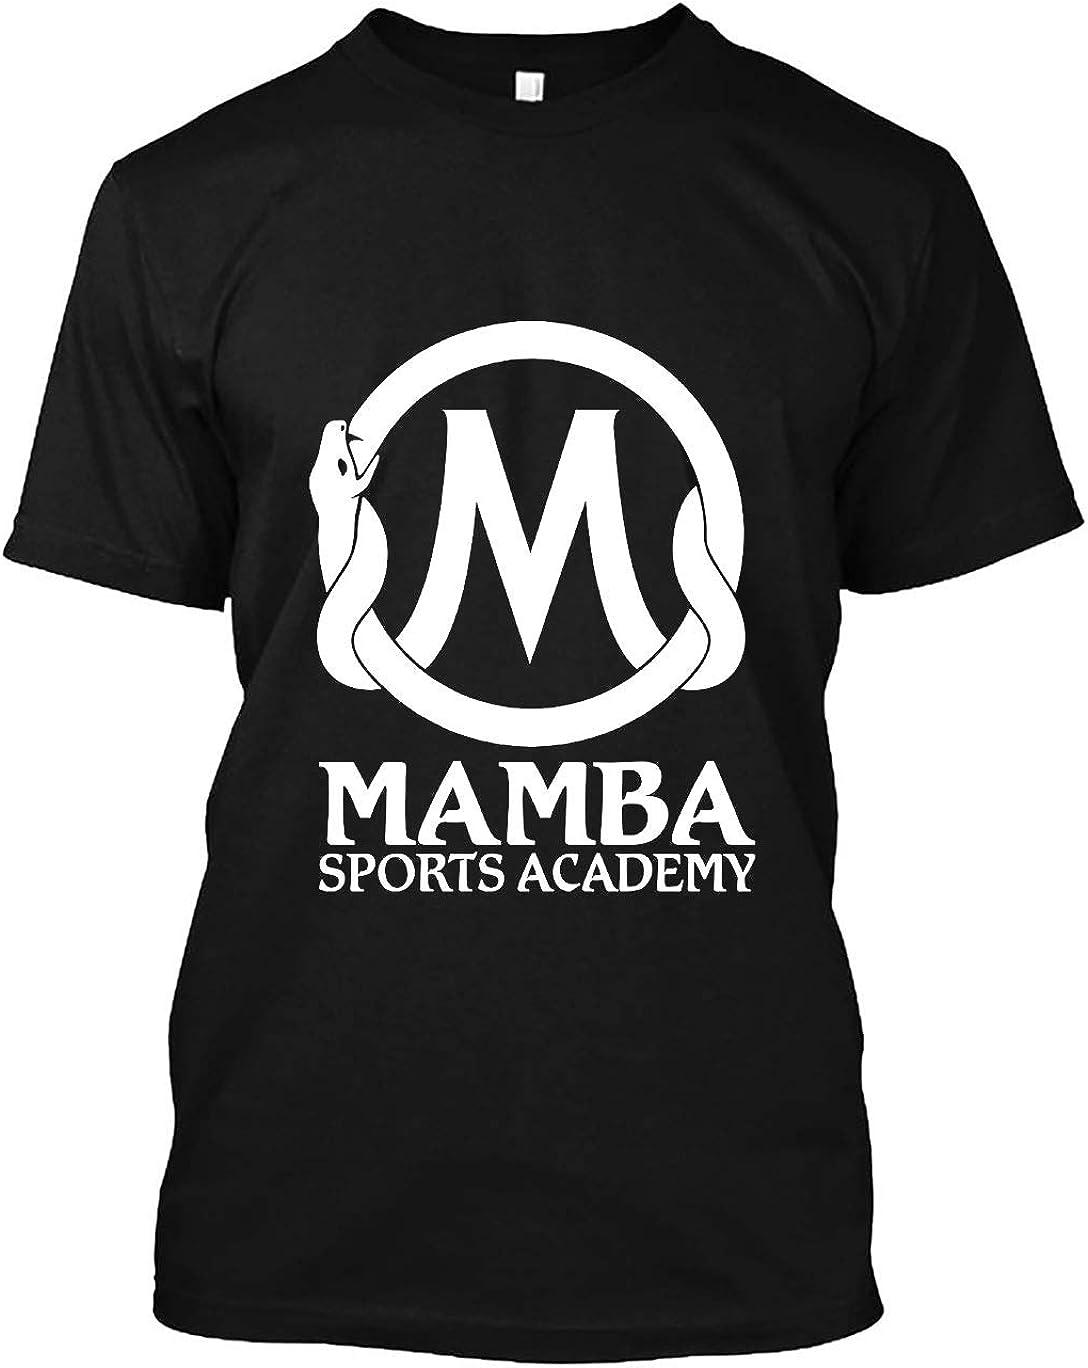 NEW MAMBA SPORTS ACADEMY T-Shirt